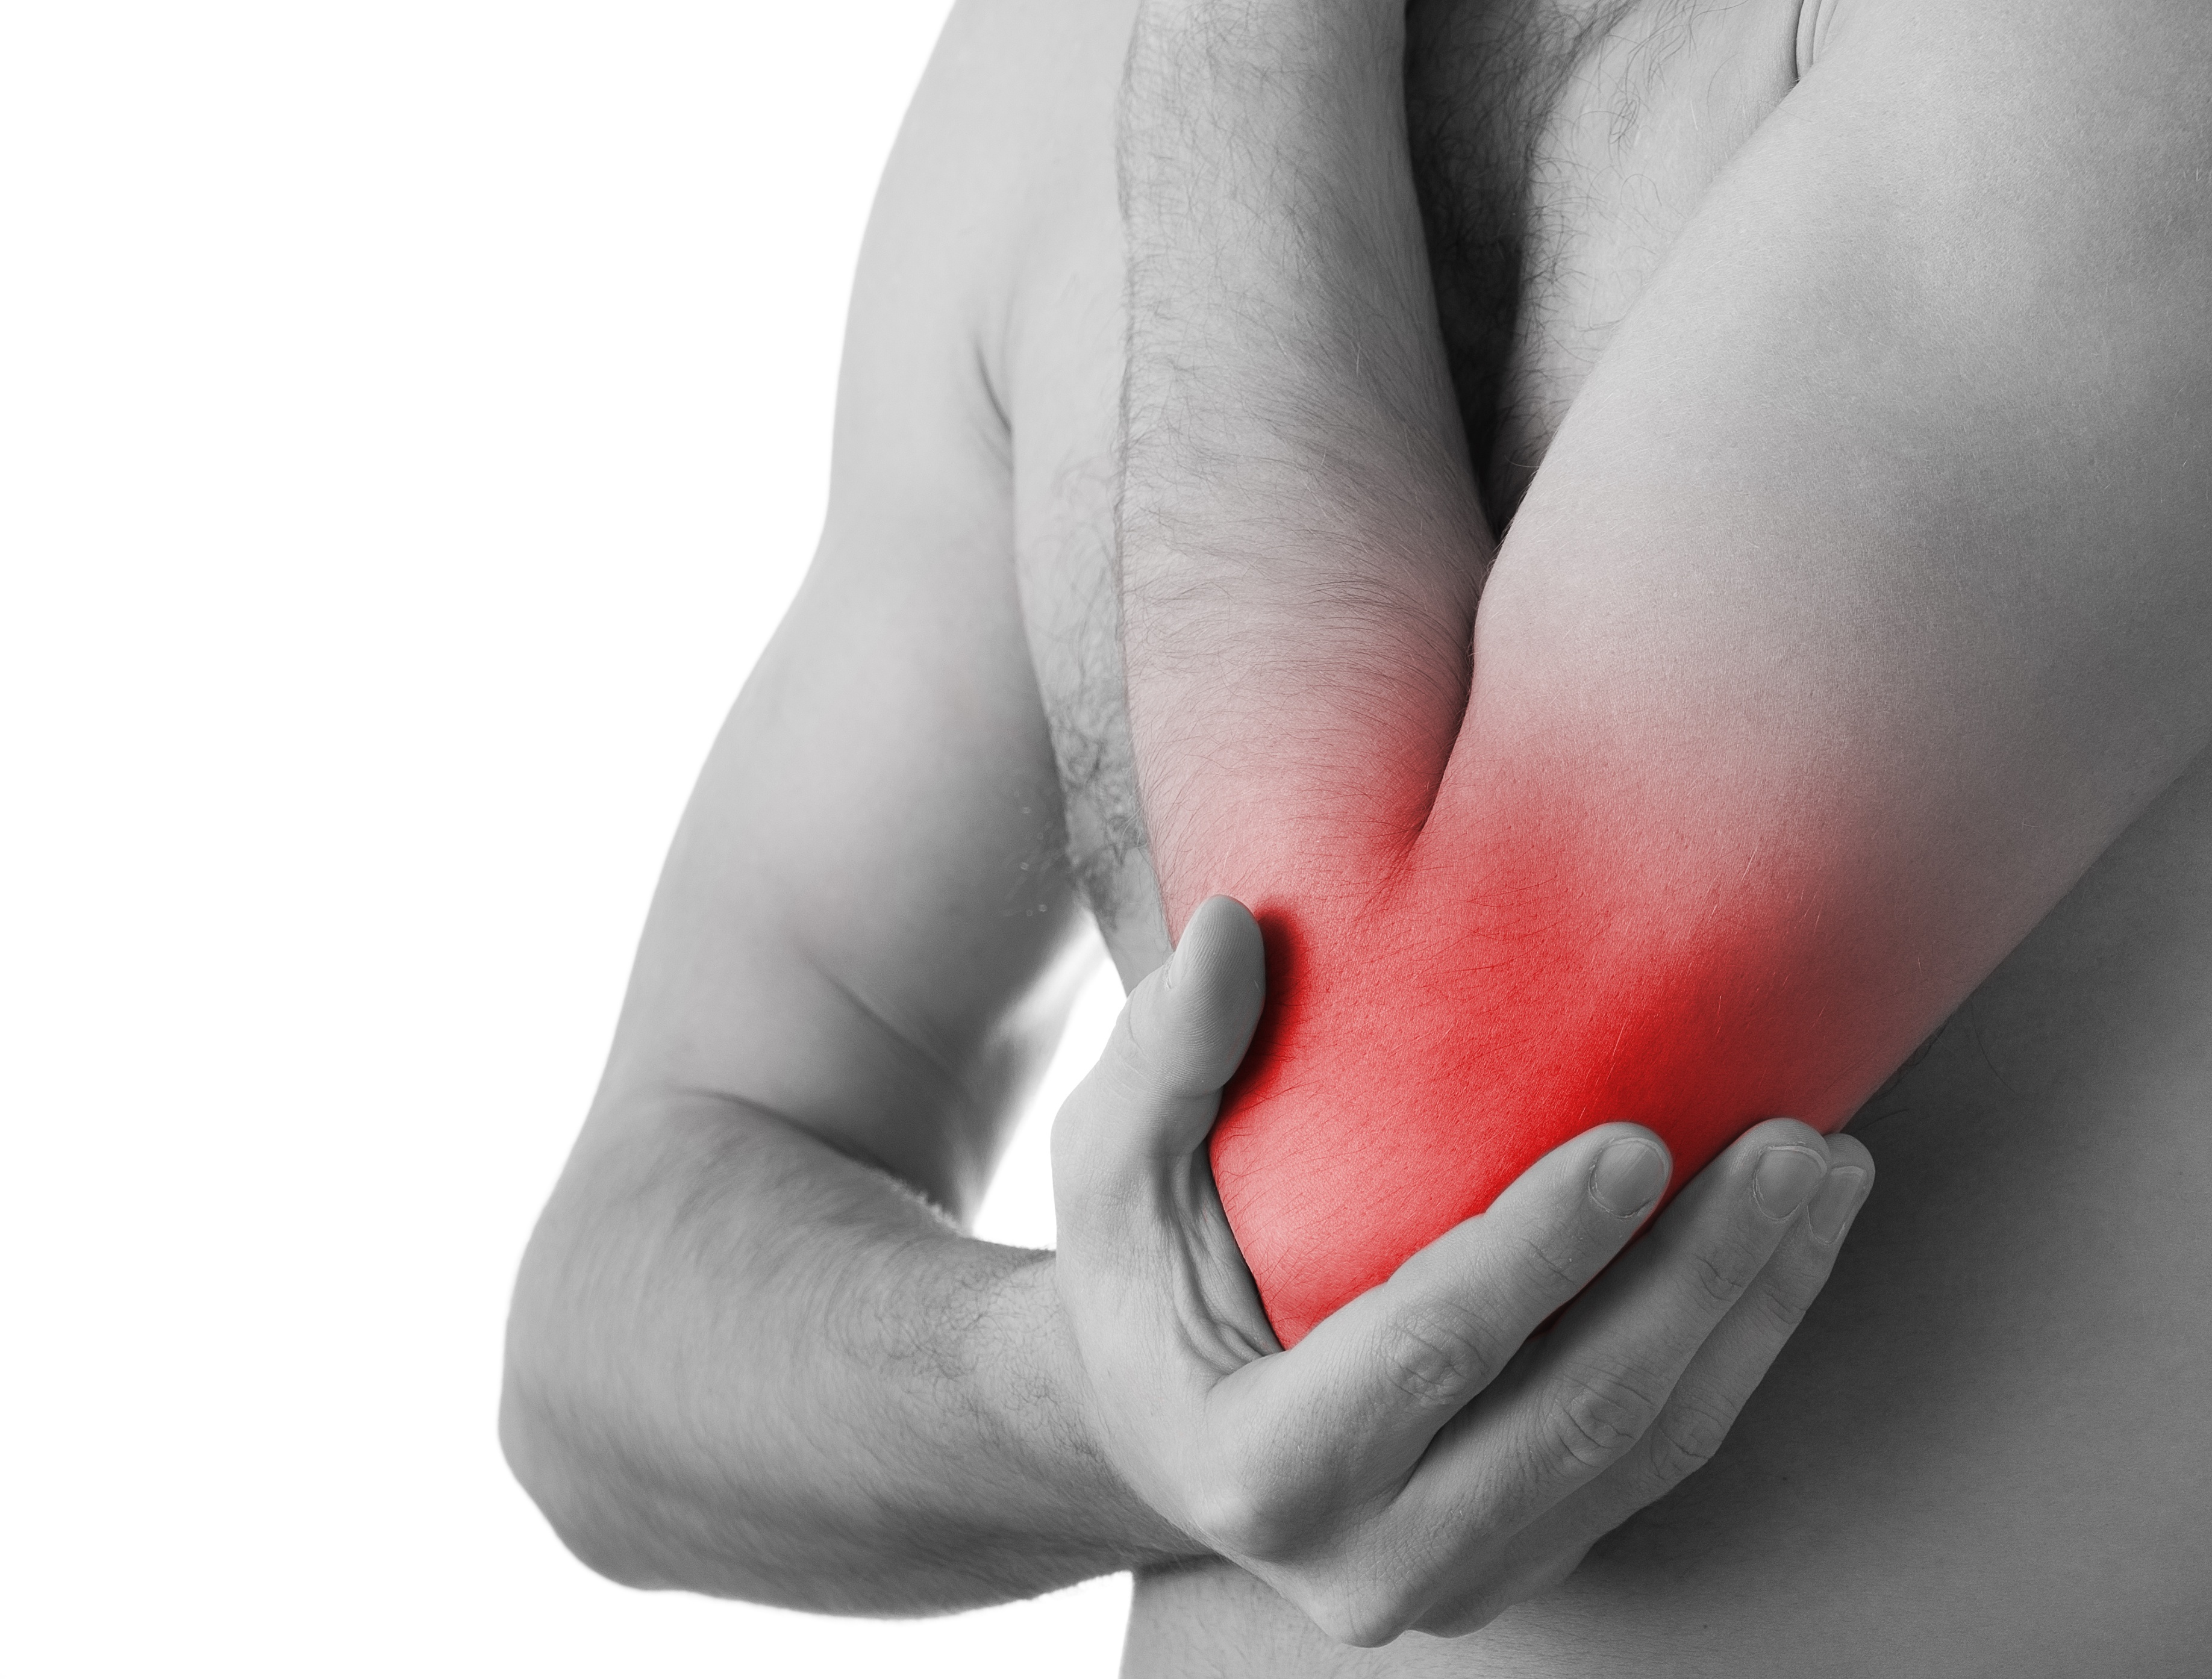 Hideggel vagy meleggel kezeljük az ízületi fájdalmat?